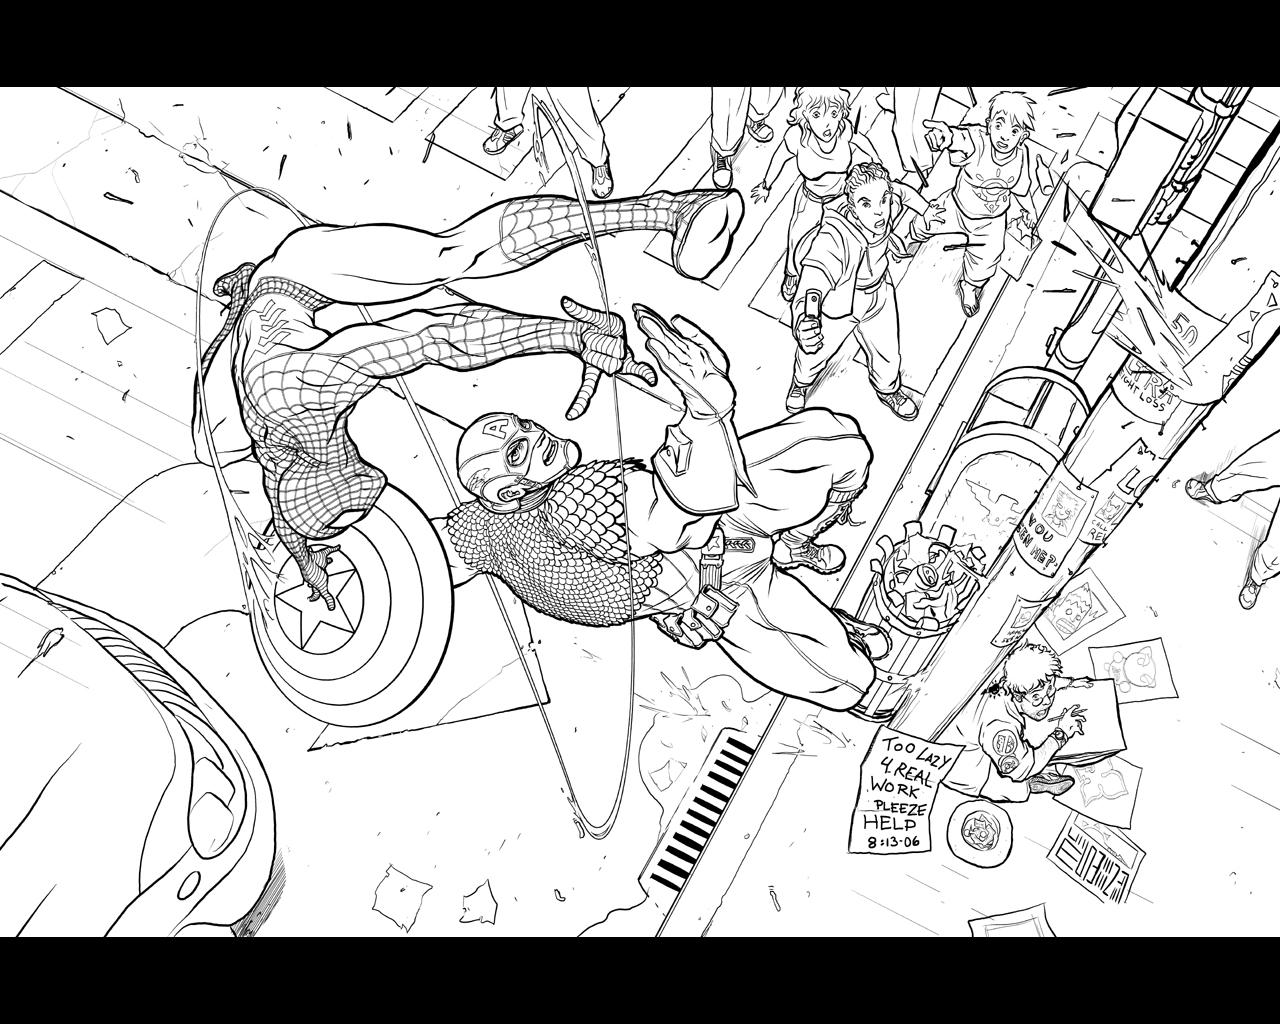 Captain America vs. Spider-Man by Inkthinker